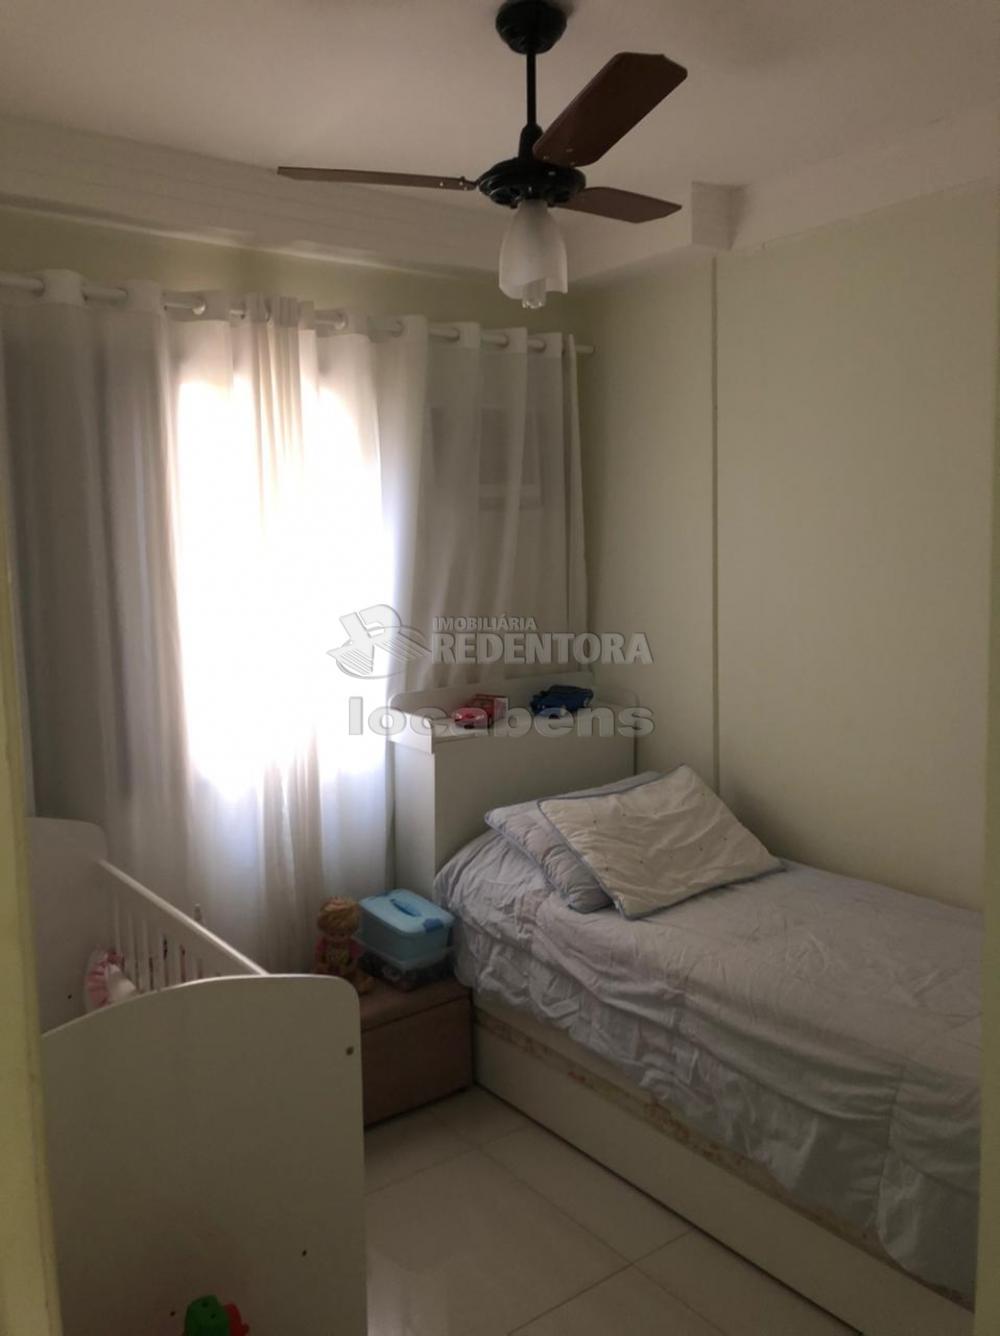 Comprar Apartamento / Padrão em São José do Rio Preto apenas R$ 270.000,00 - Foto 12